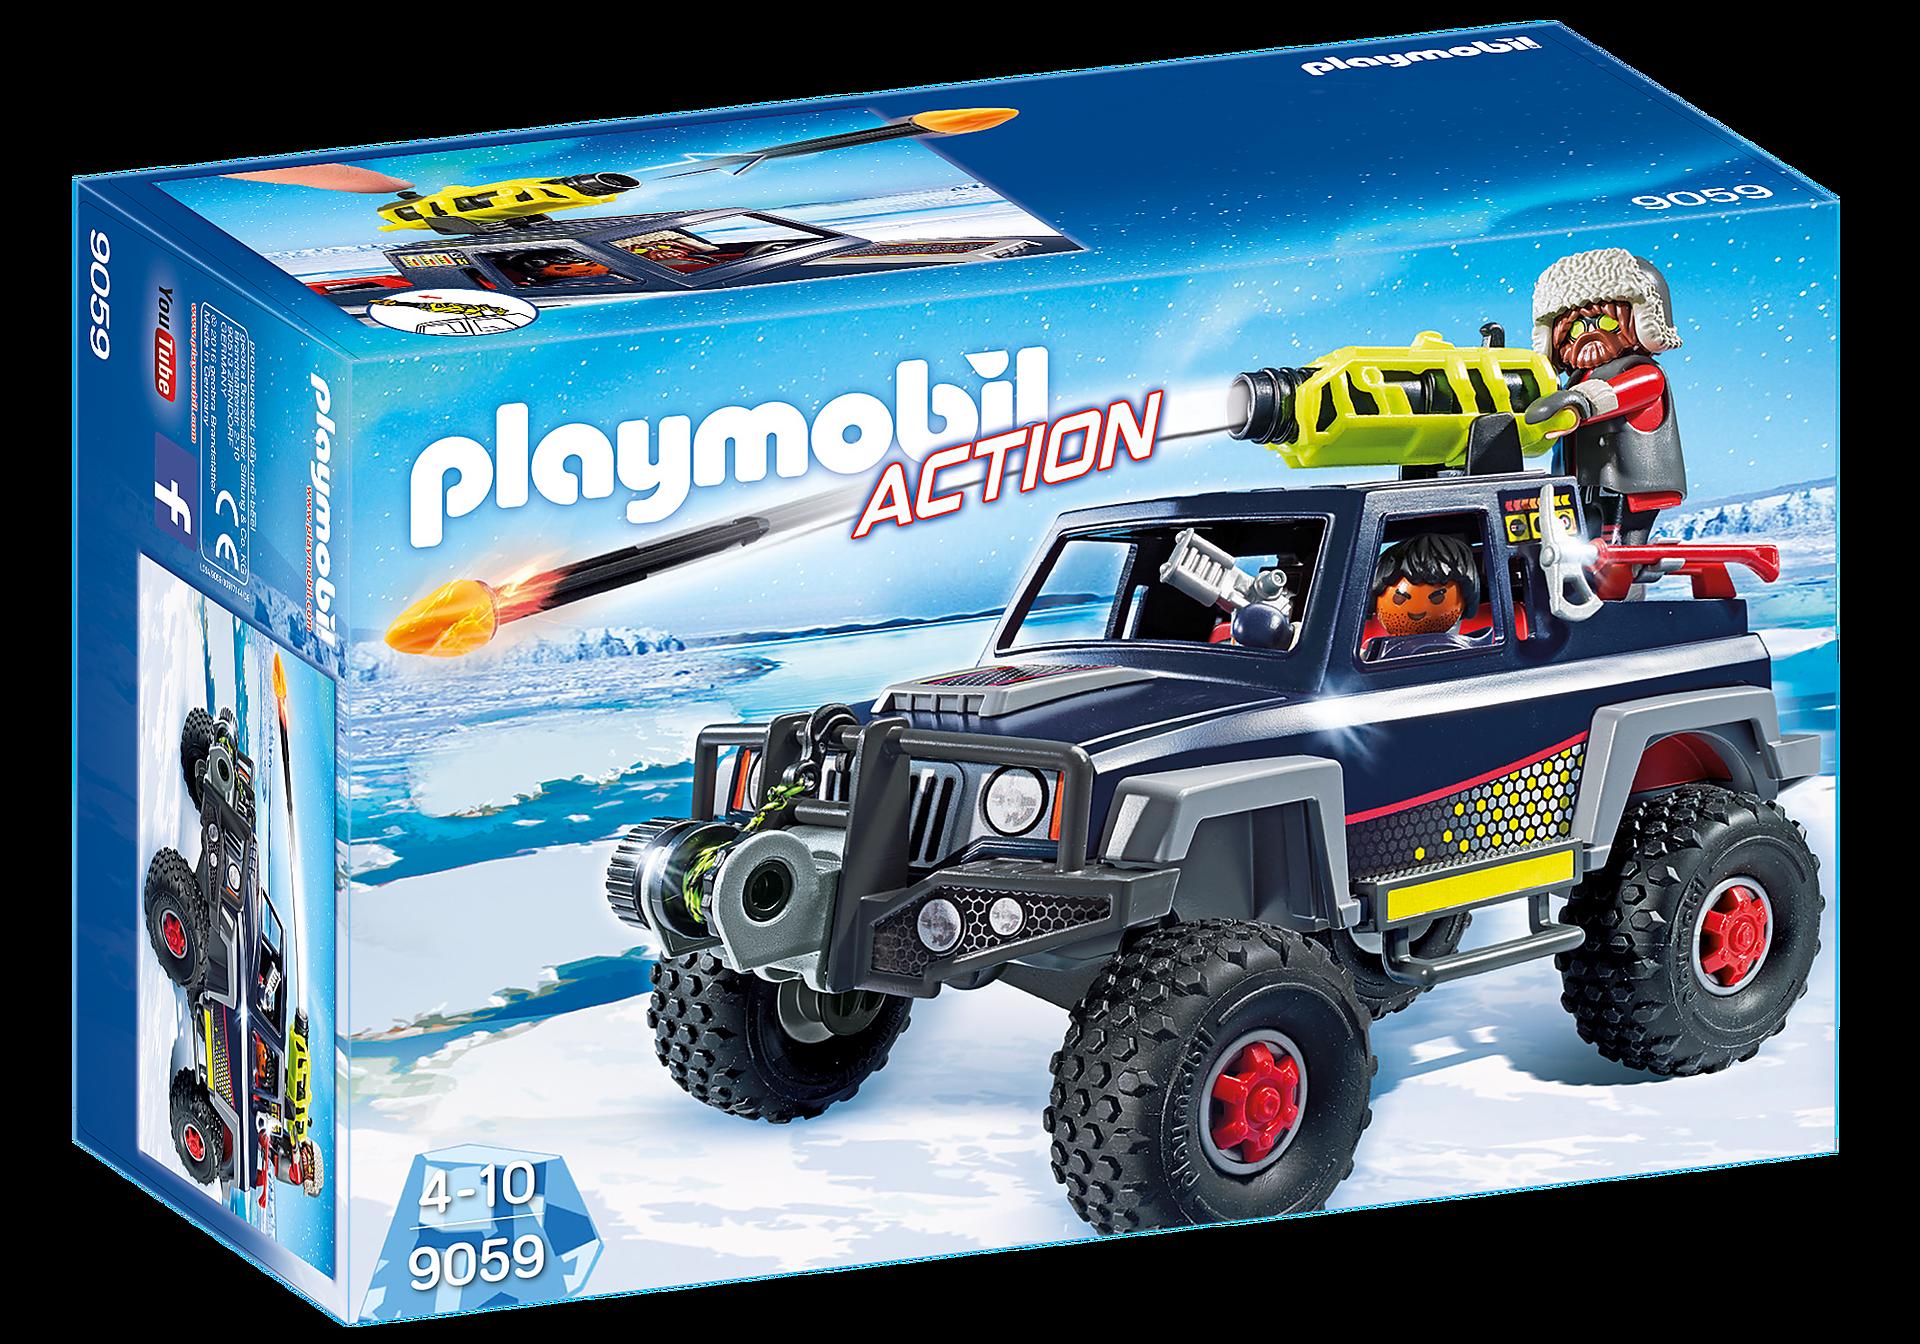 http://media.playmobil.com/i/playmobil/9059_product_box_front/Sneeuwterreinwagen met ijspiraten